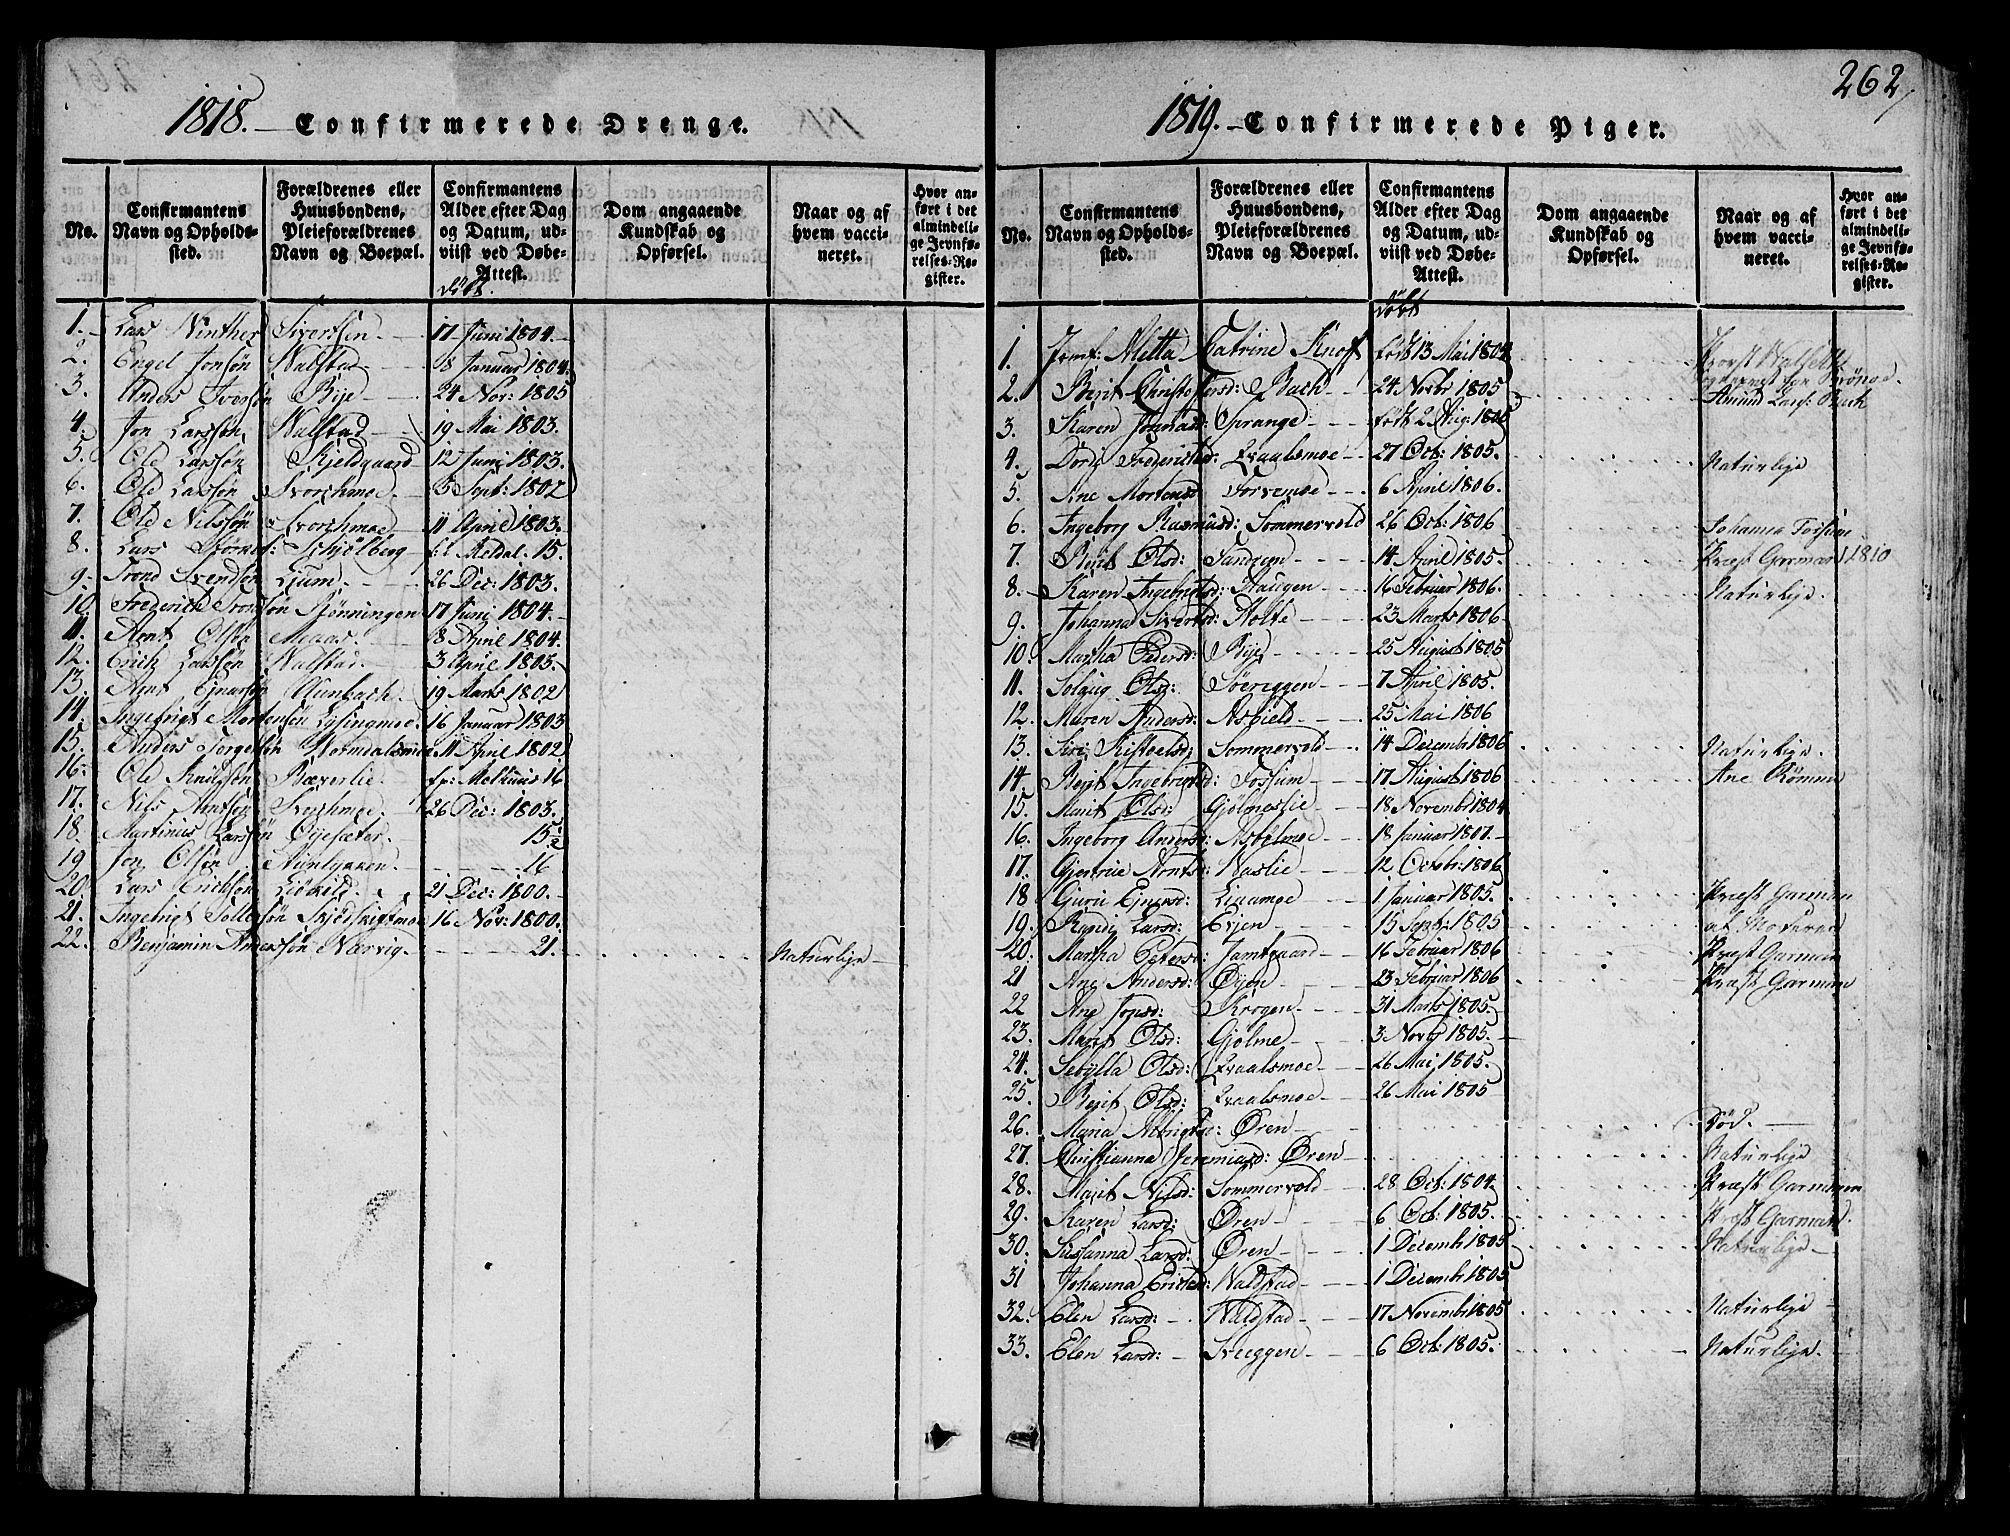 SAT, Ministerialprotokoller, klokkerbøker og fødselsregistre - Sør-Trøndelag, 668/L0803: Ministerialbok nr. 668A03, 1800-1826, s. 262